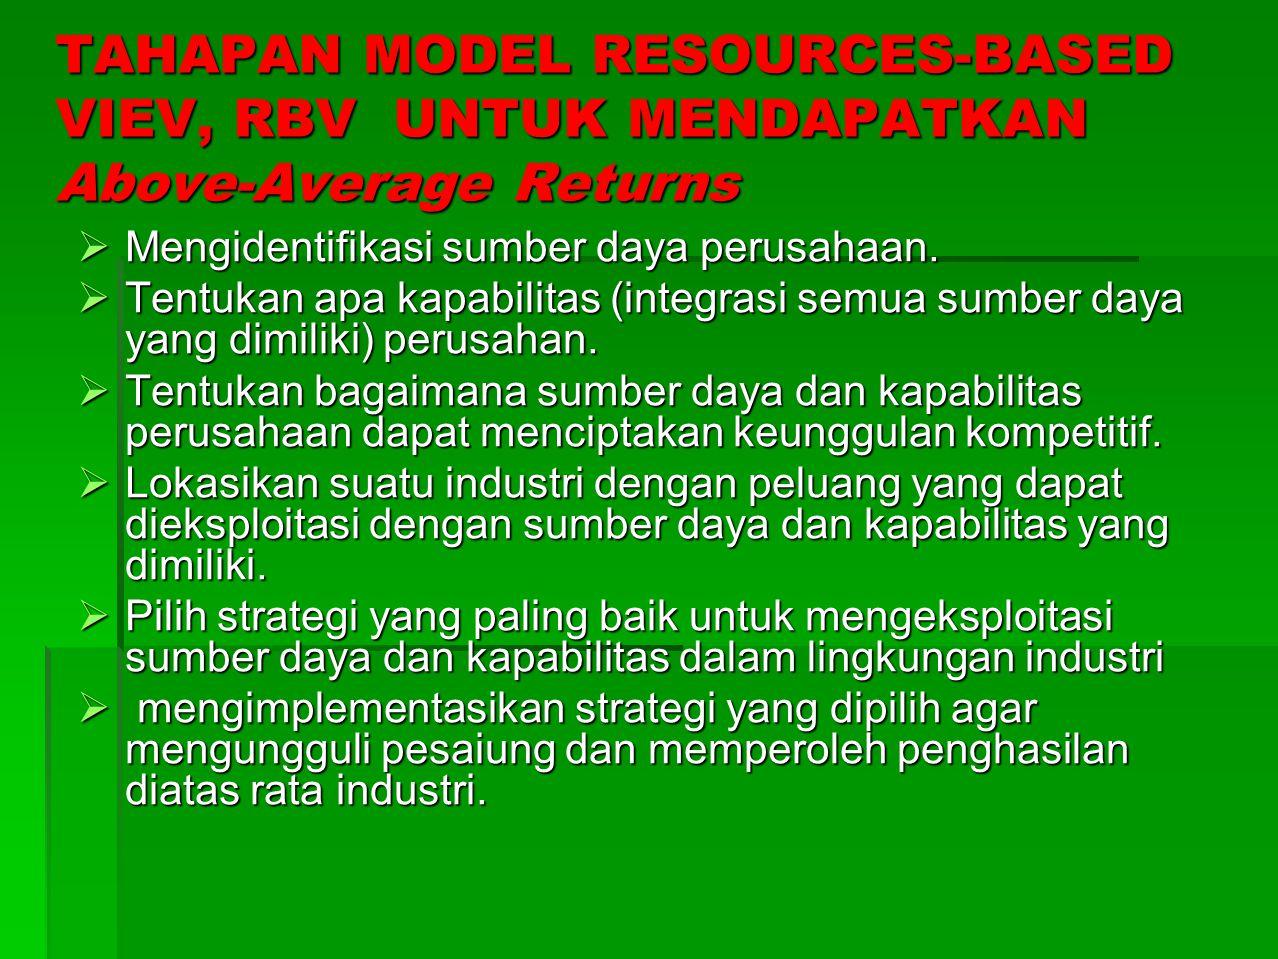 TAHAPAN MODEL RESOURCES-BASED VIEV, RBV UNTUK MENDAPATKAN Above-Average Returns